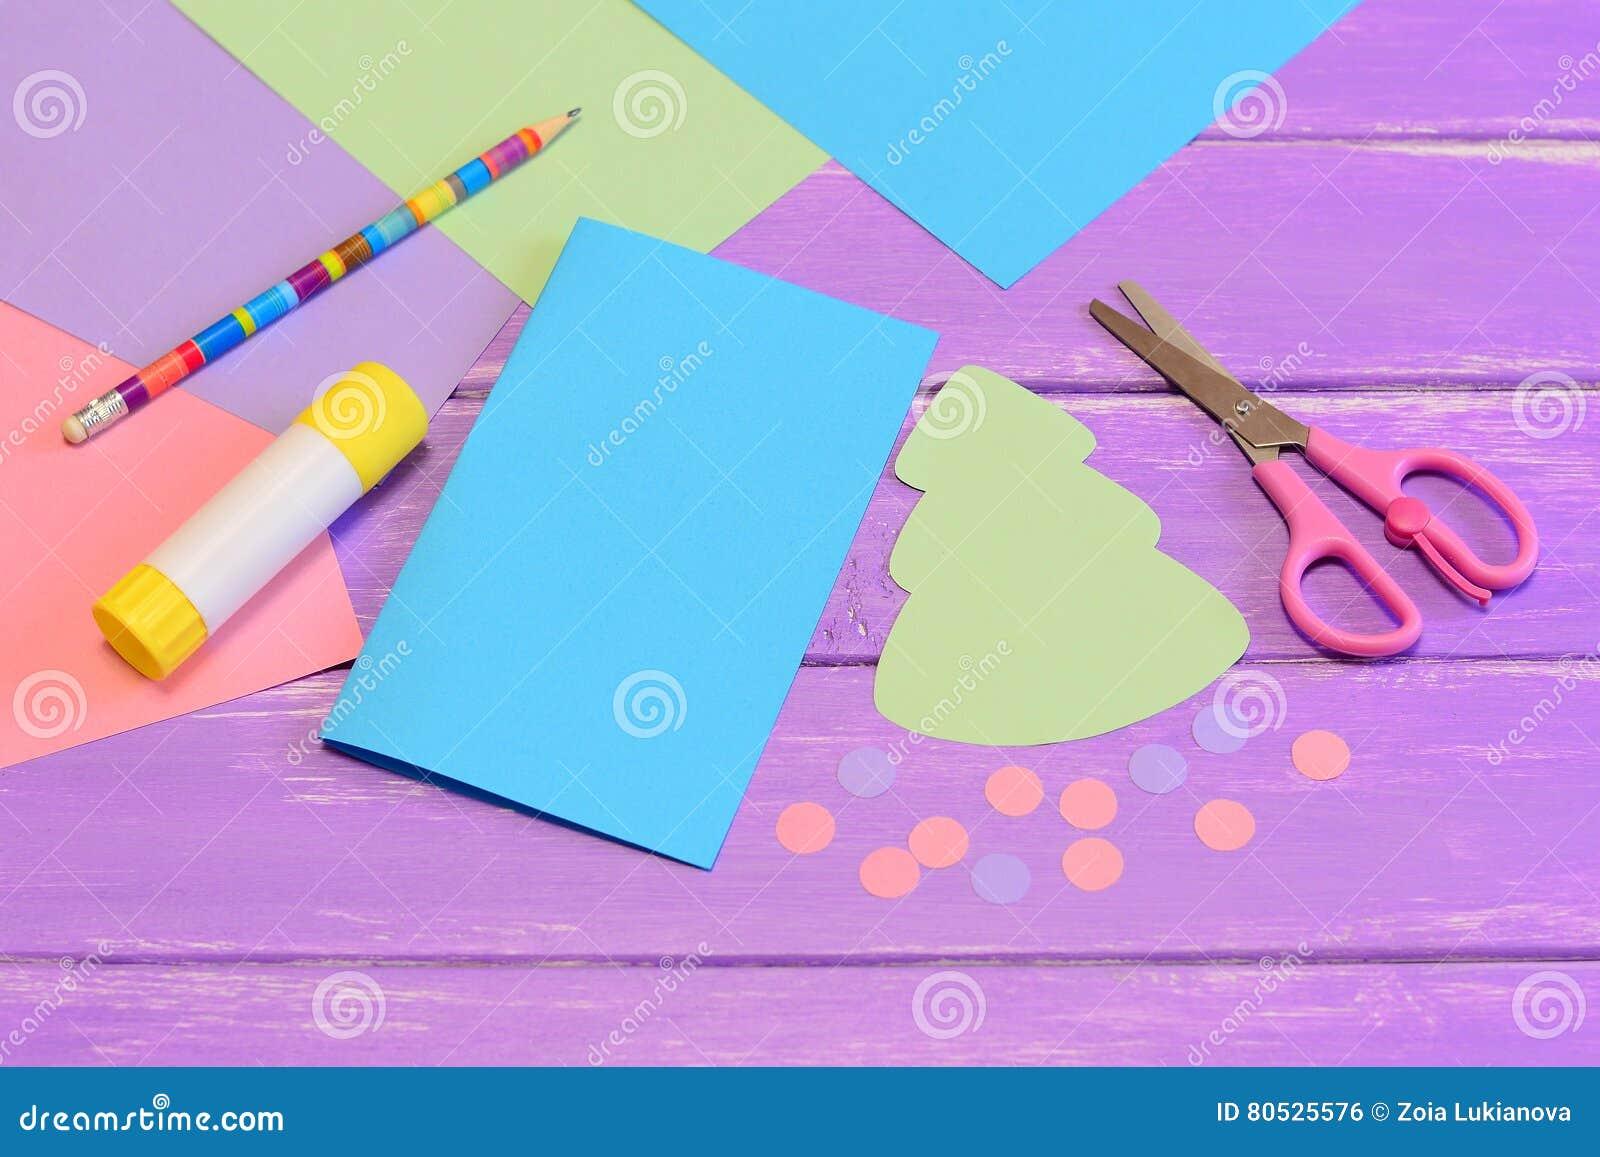 Comment Faire Des Arbres En Papier tout comment faire la carte de noël à partir du papier coloré opération